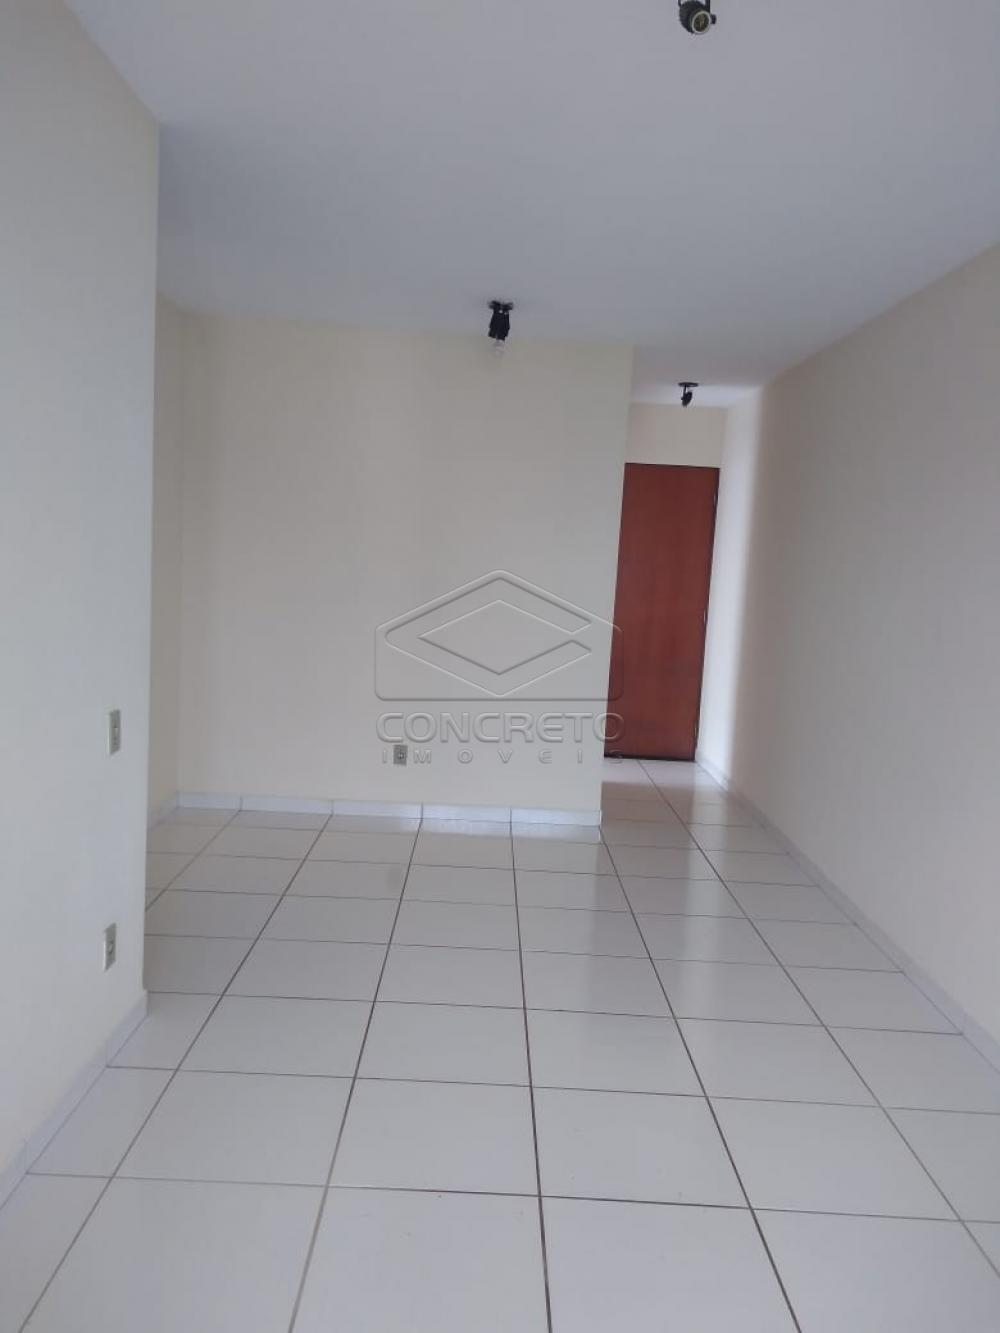 Alugar Apartamento / Padrão em Bauru apenas R$ 700,00 - Foto 5